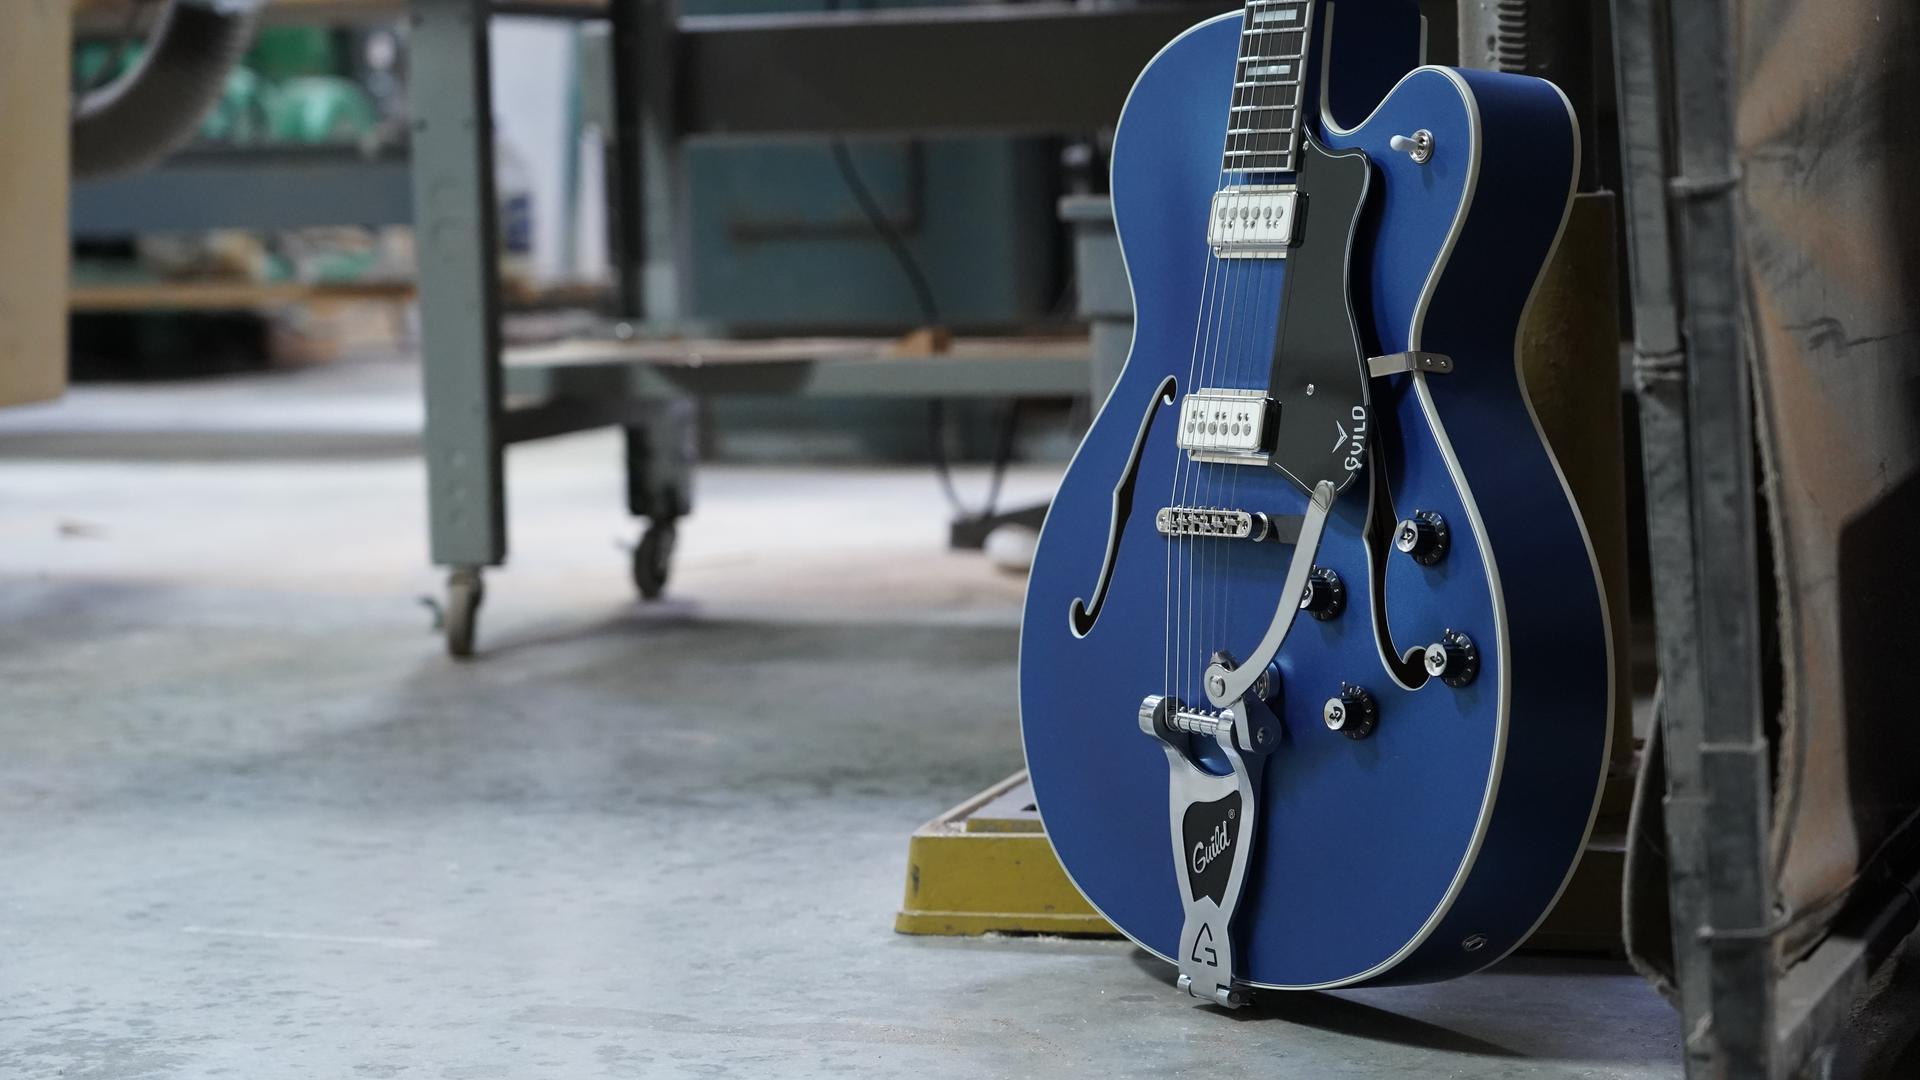 【GUILD】このギターこそが真のホロウボディだ。特別仕様のX-175 が登場!